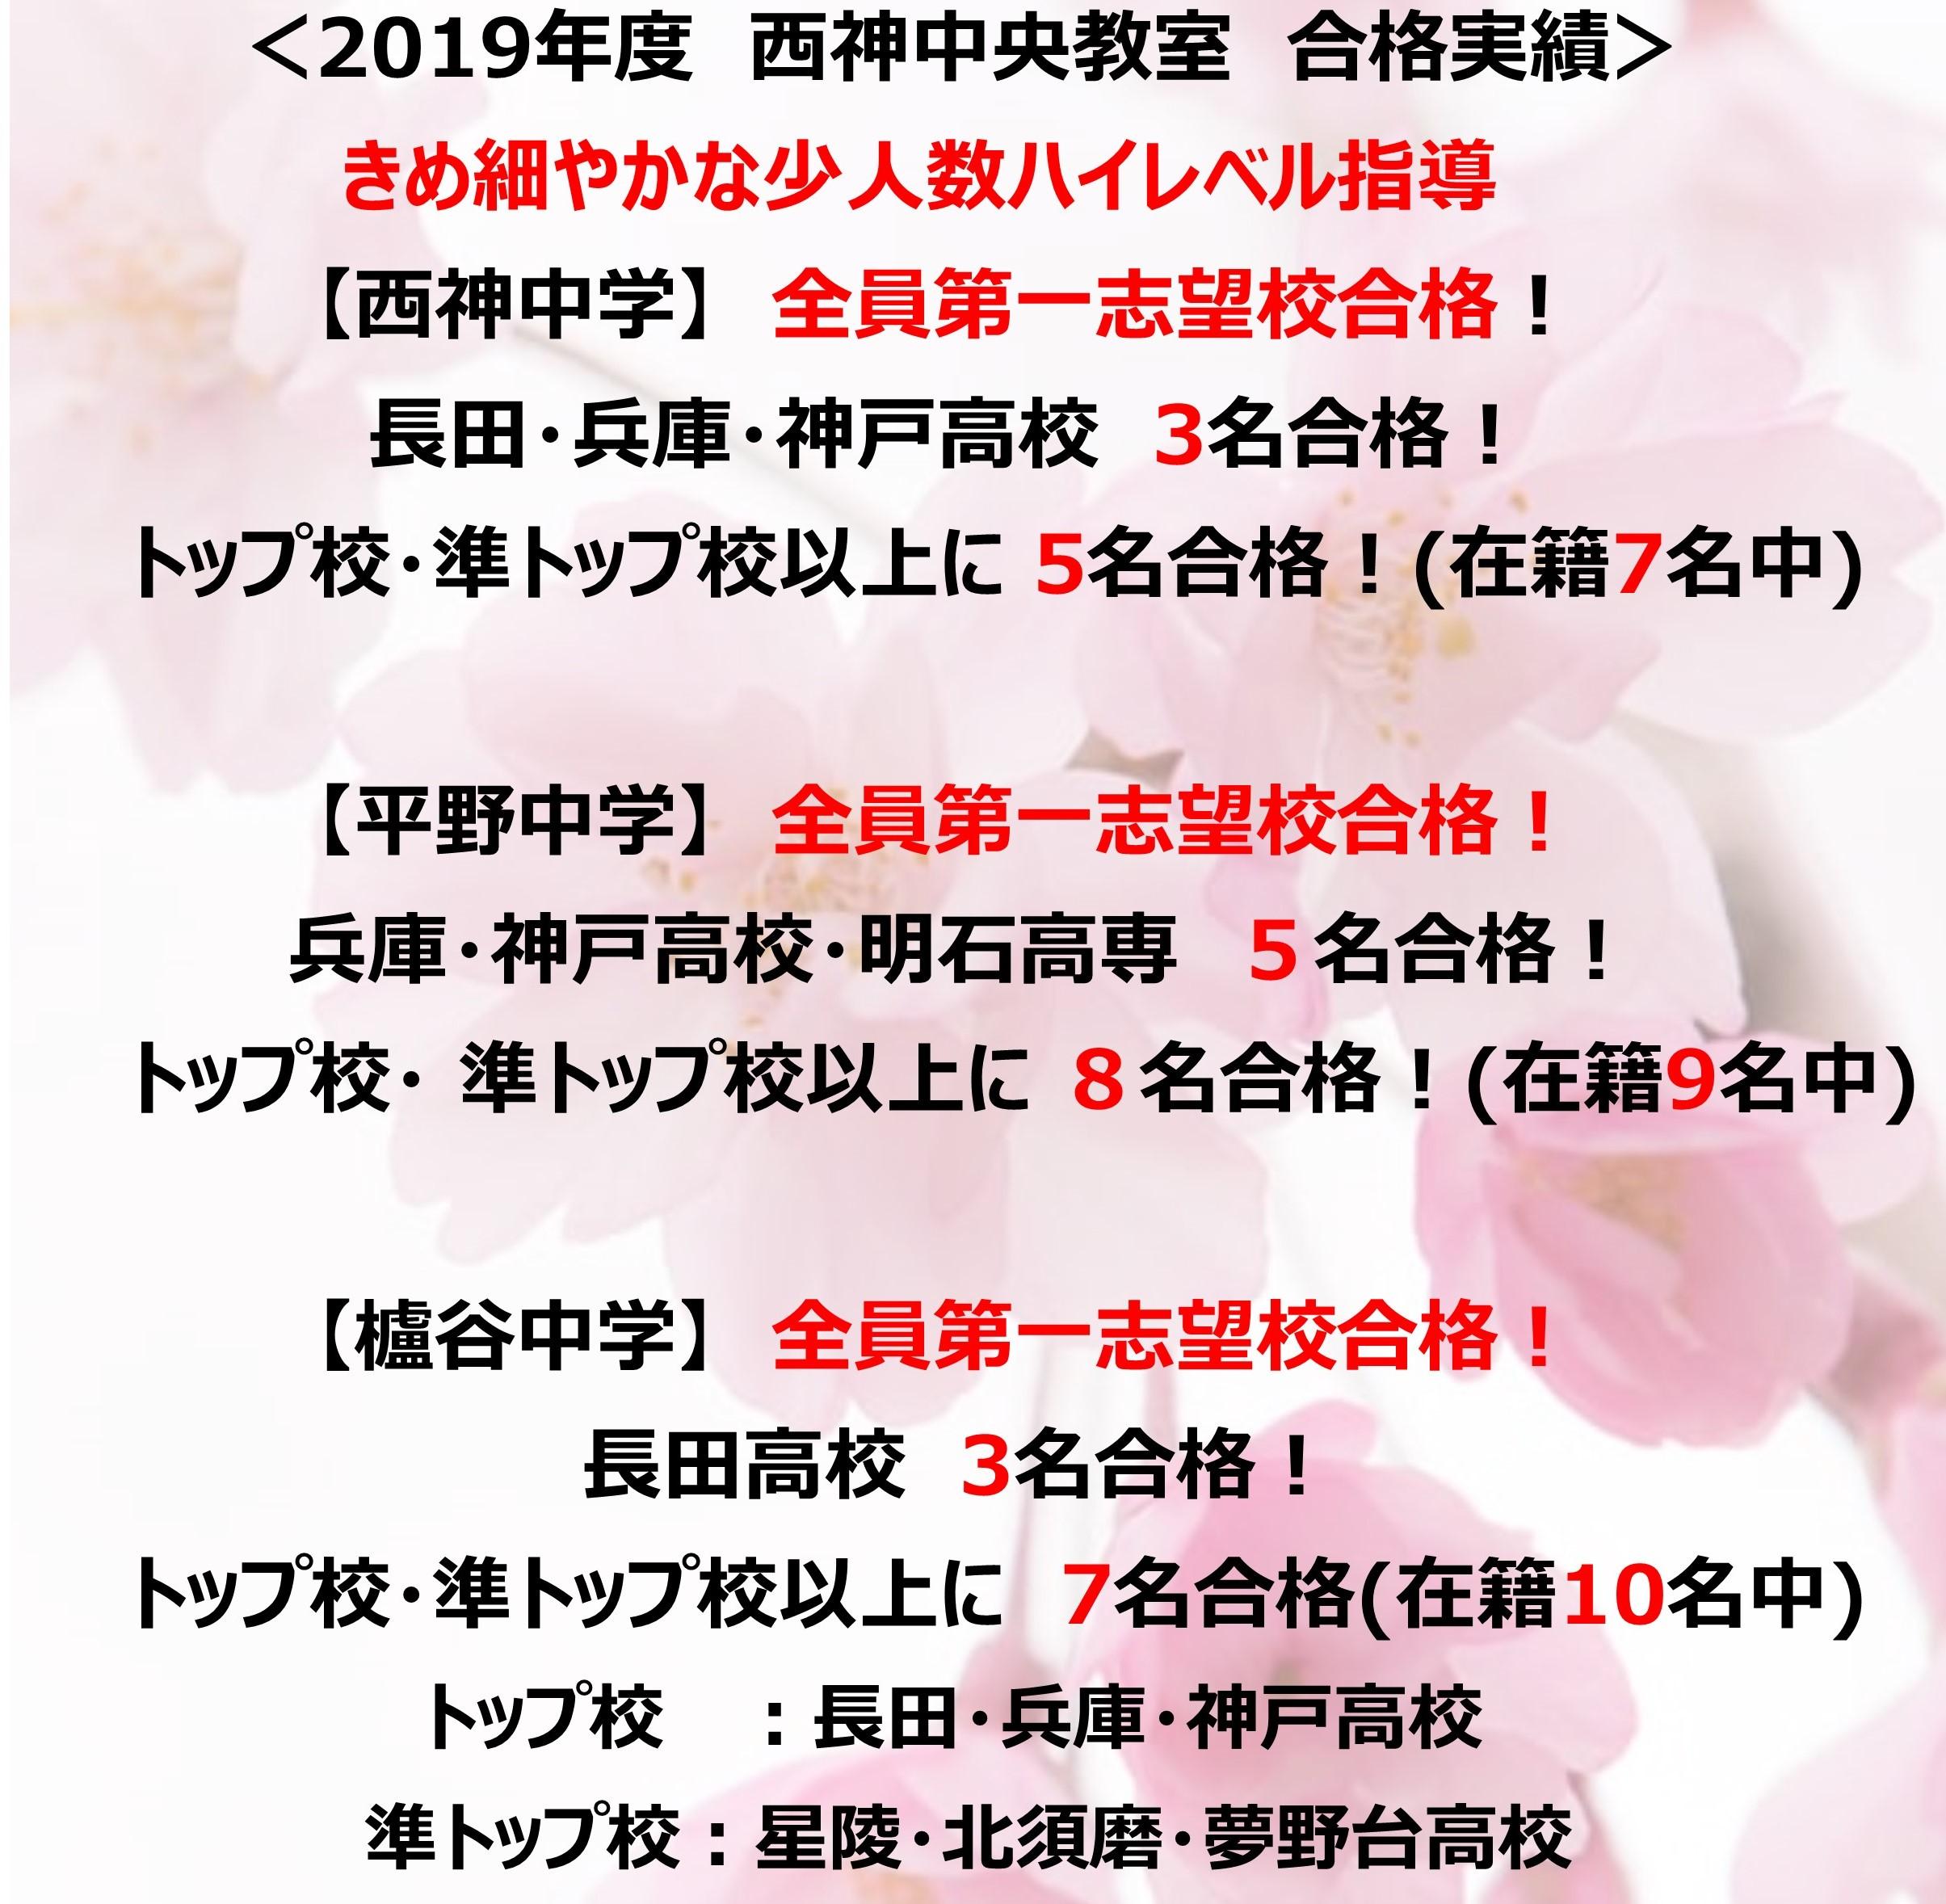 2019年度高校進学実績! | 久保田学園